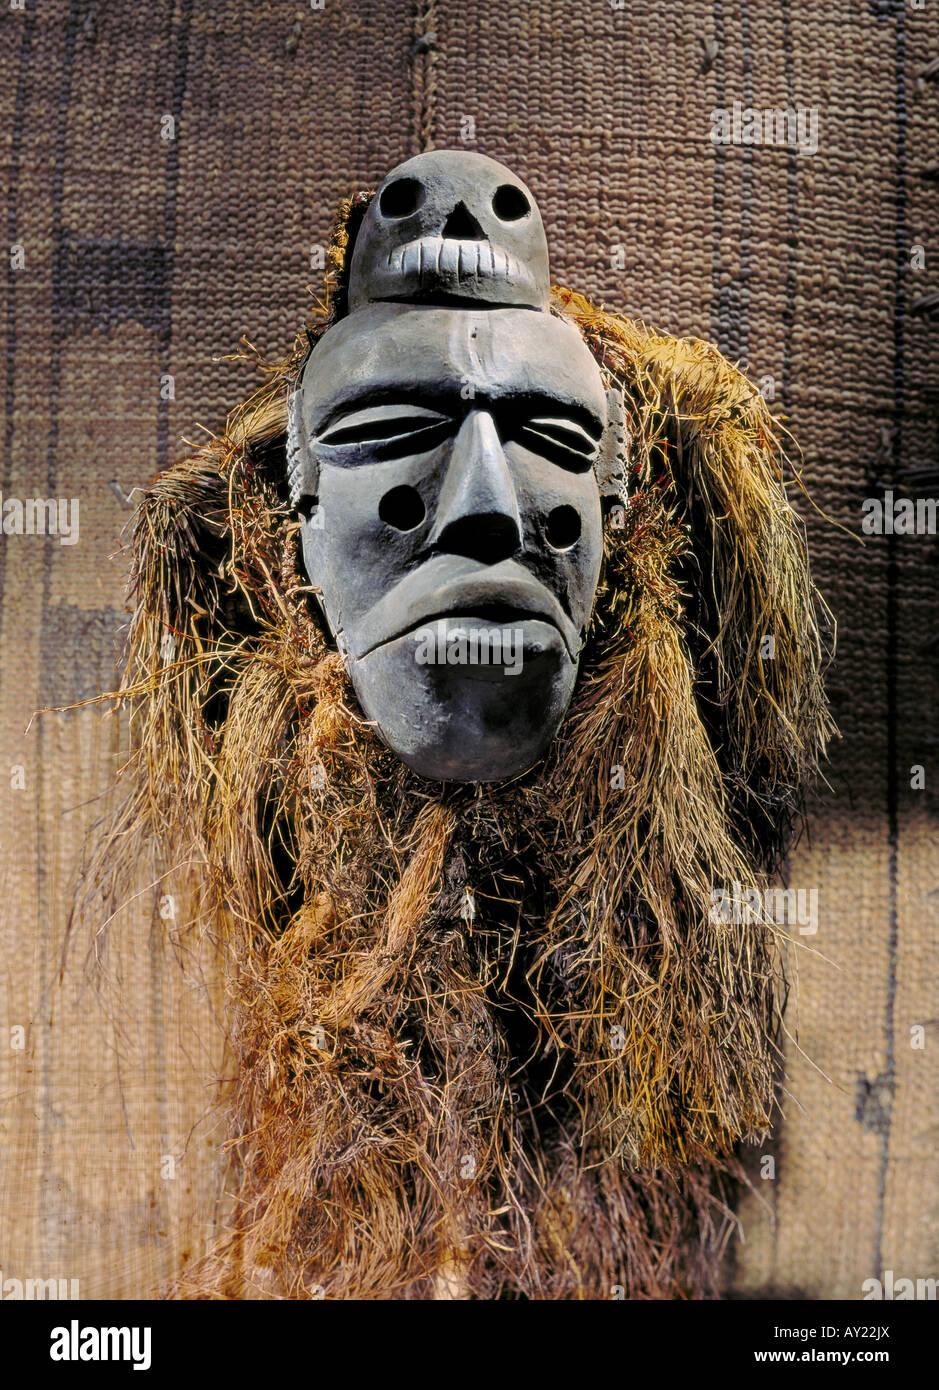 Beaux-arts, d'Afrique, sculptures, masques, danse, masque Ibibio wood carving, Nigéria, Musée ethnologique Photo Stock